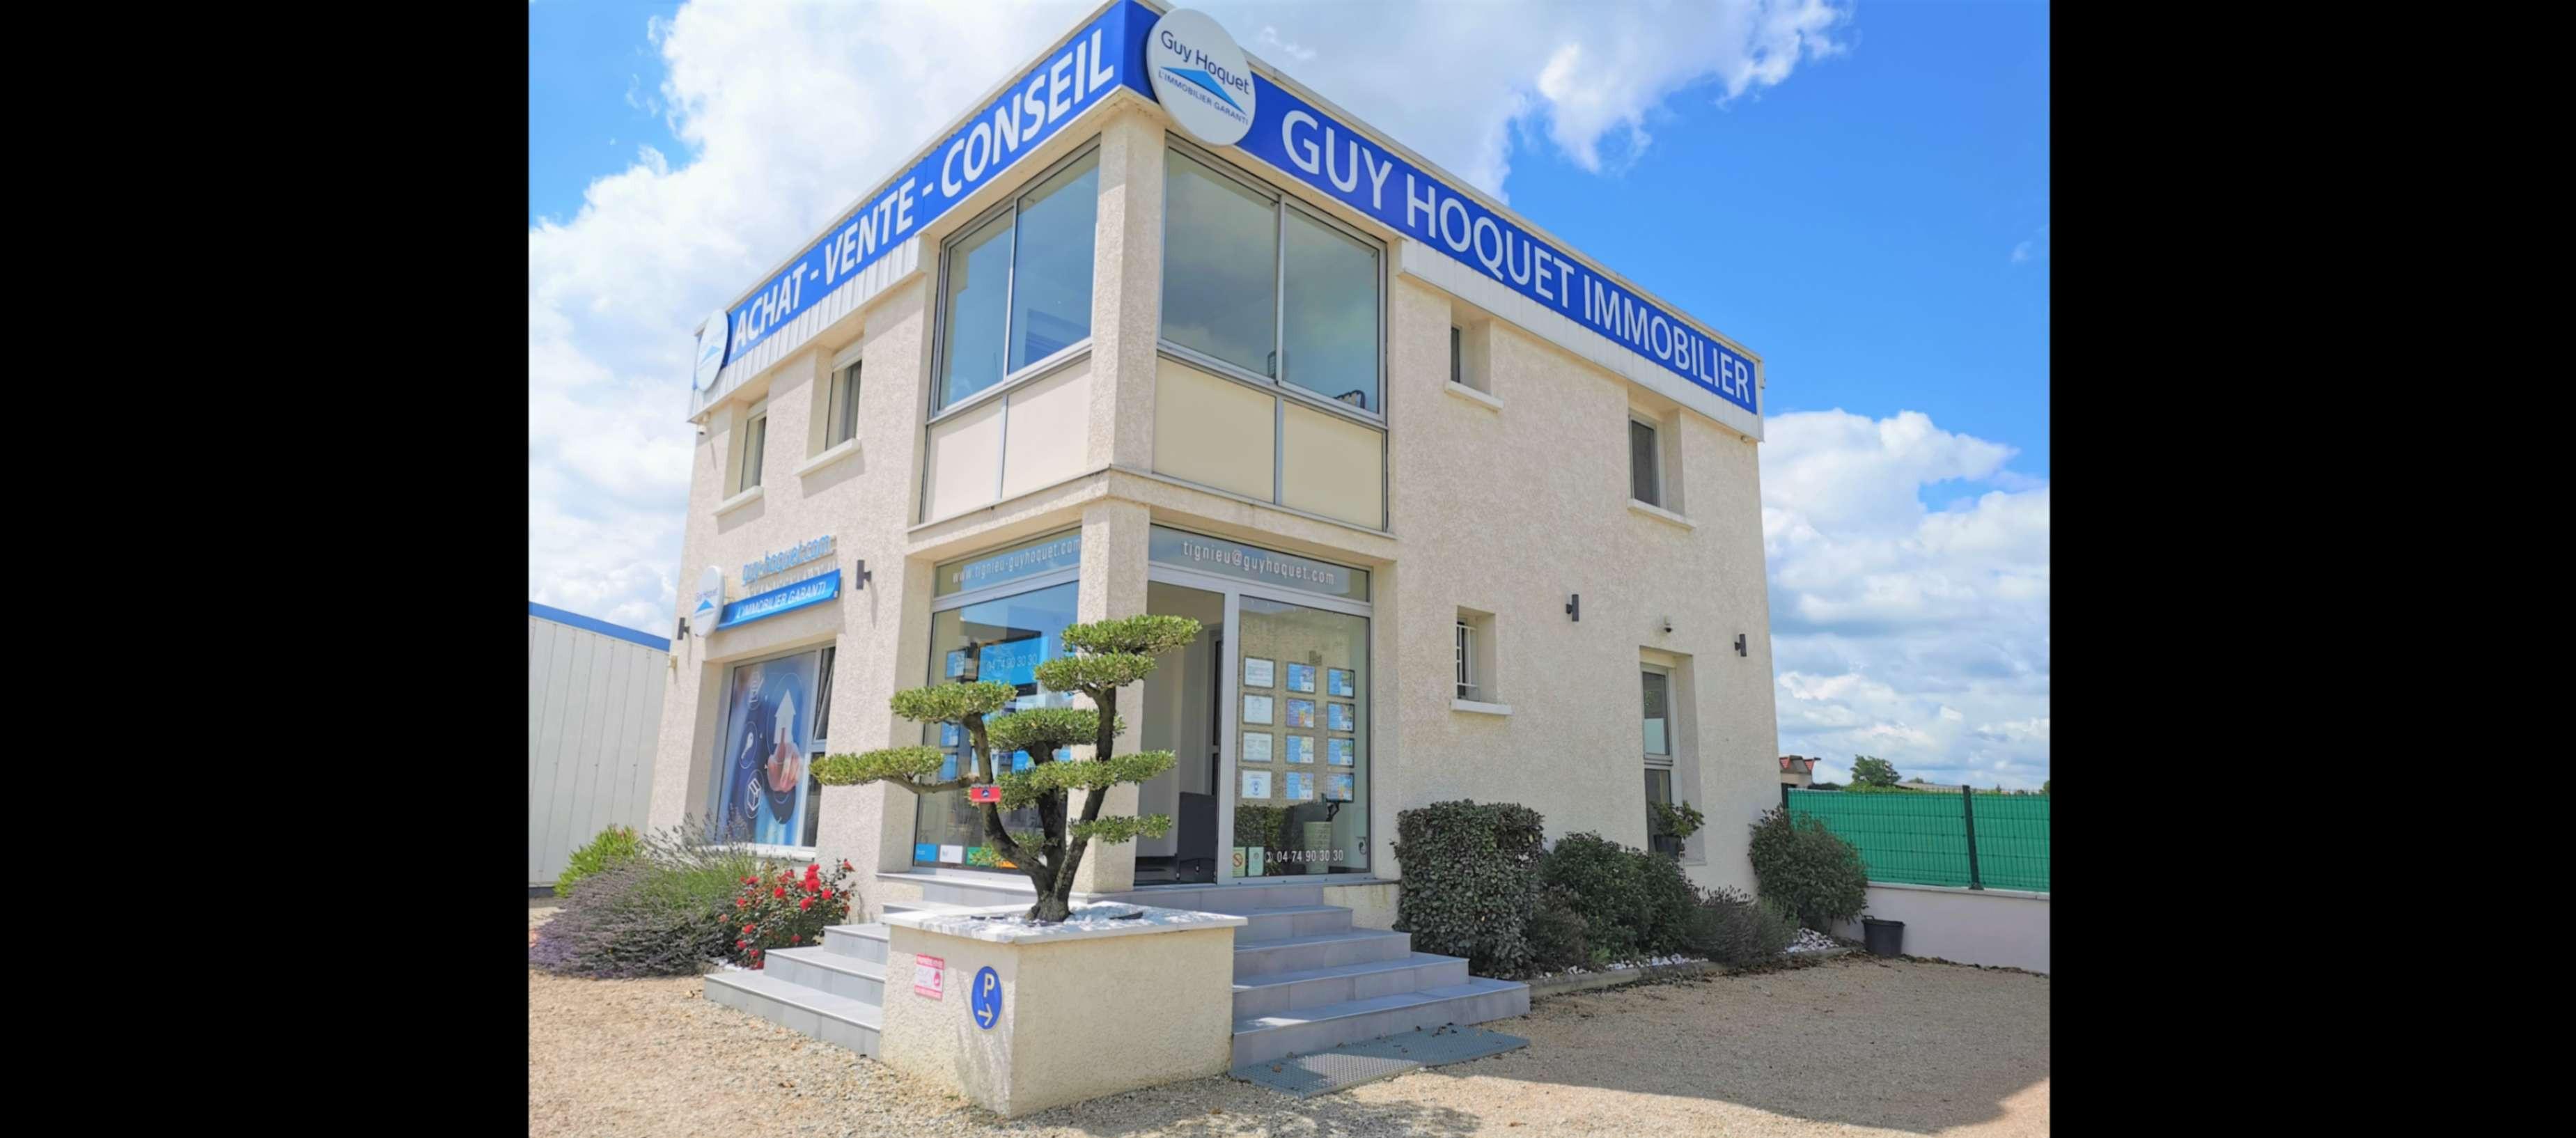 Agence Guy Hoquet Tignieu